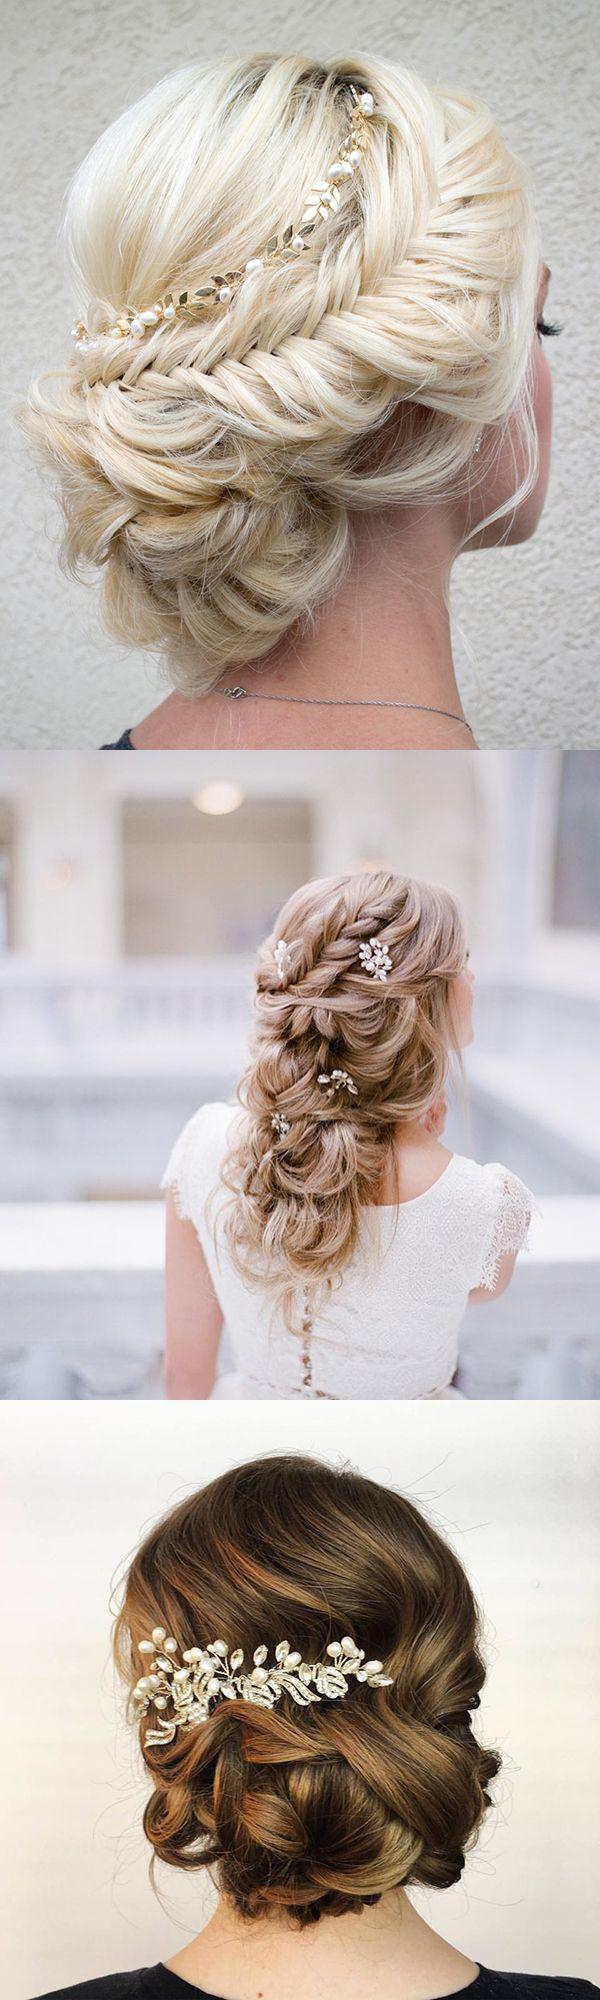 pretty wedding hair accessory